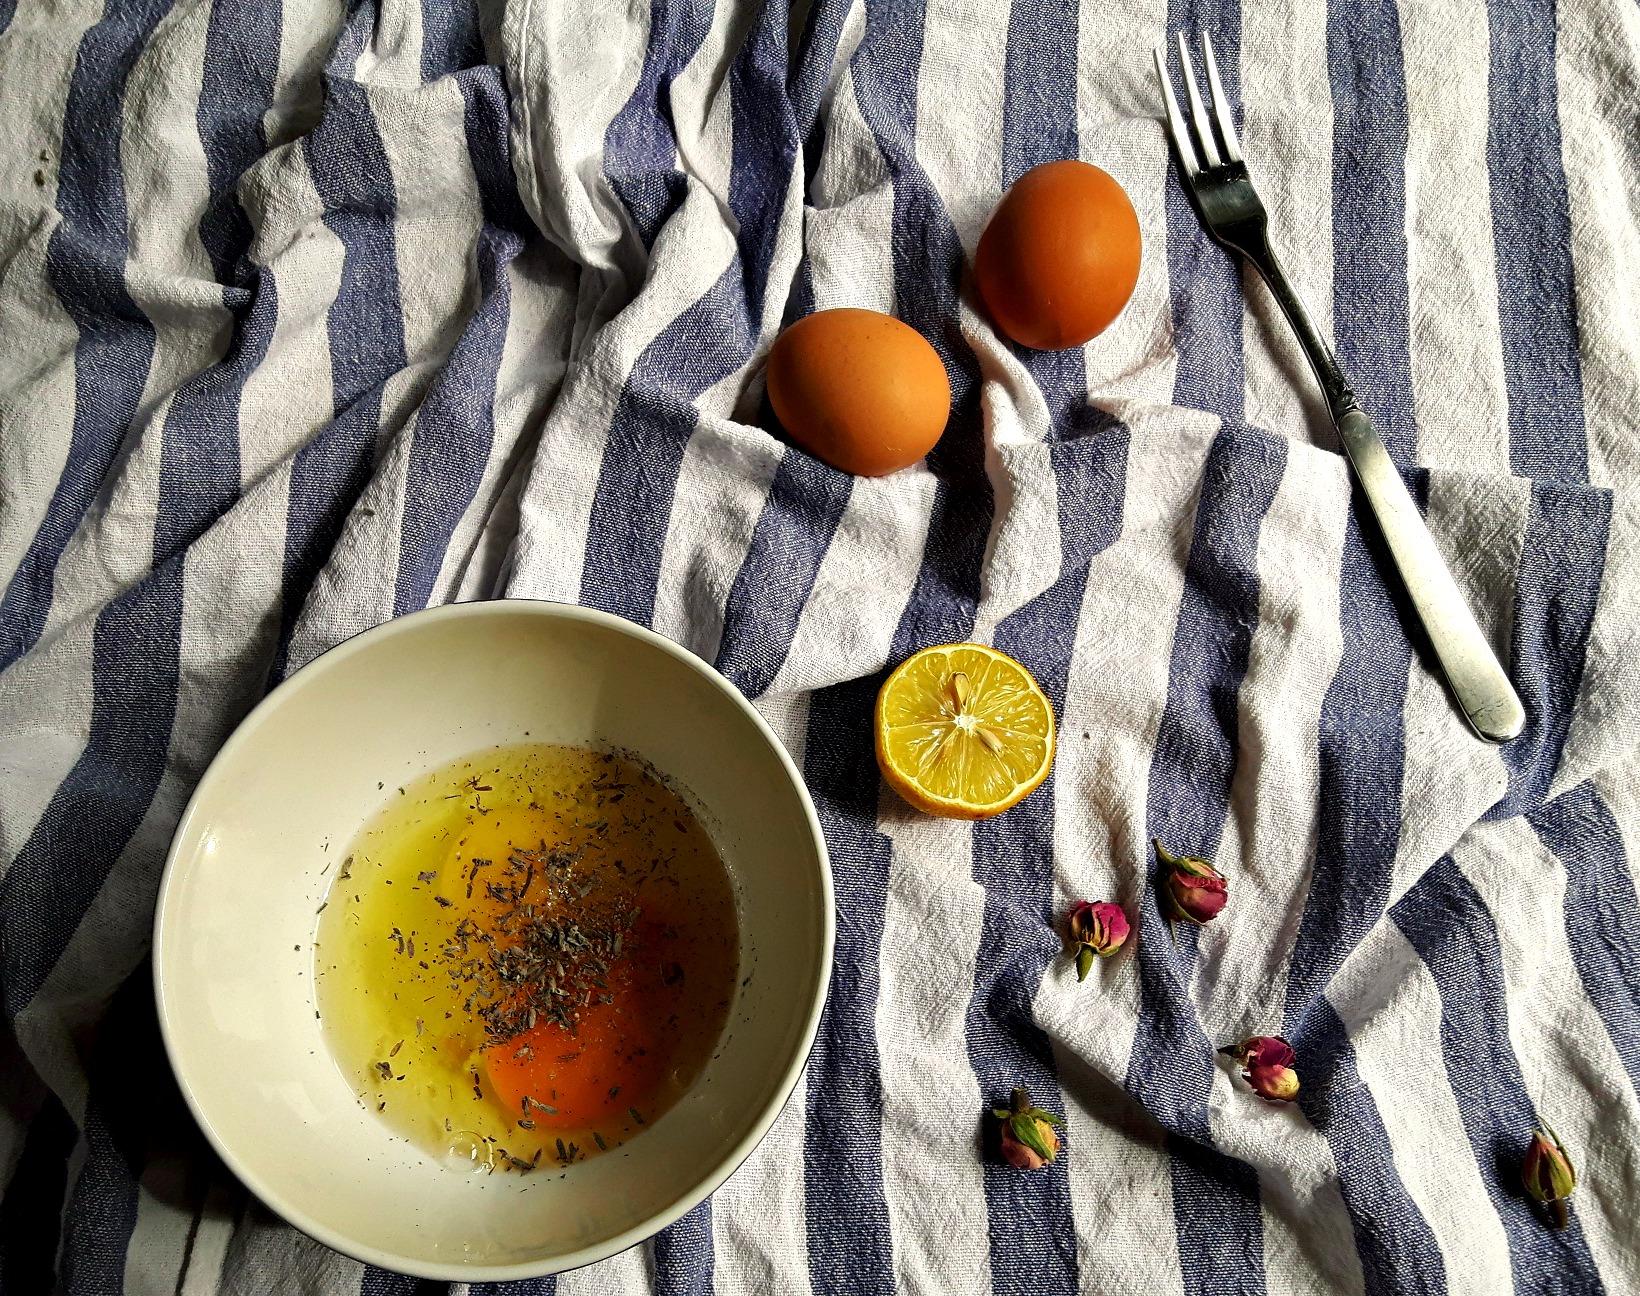 Adu extraordinarul la masa ta, cu o omletă cu lavandă și boboci de trandafir